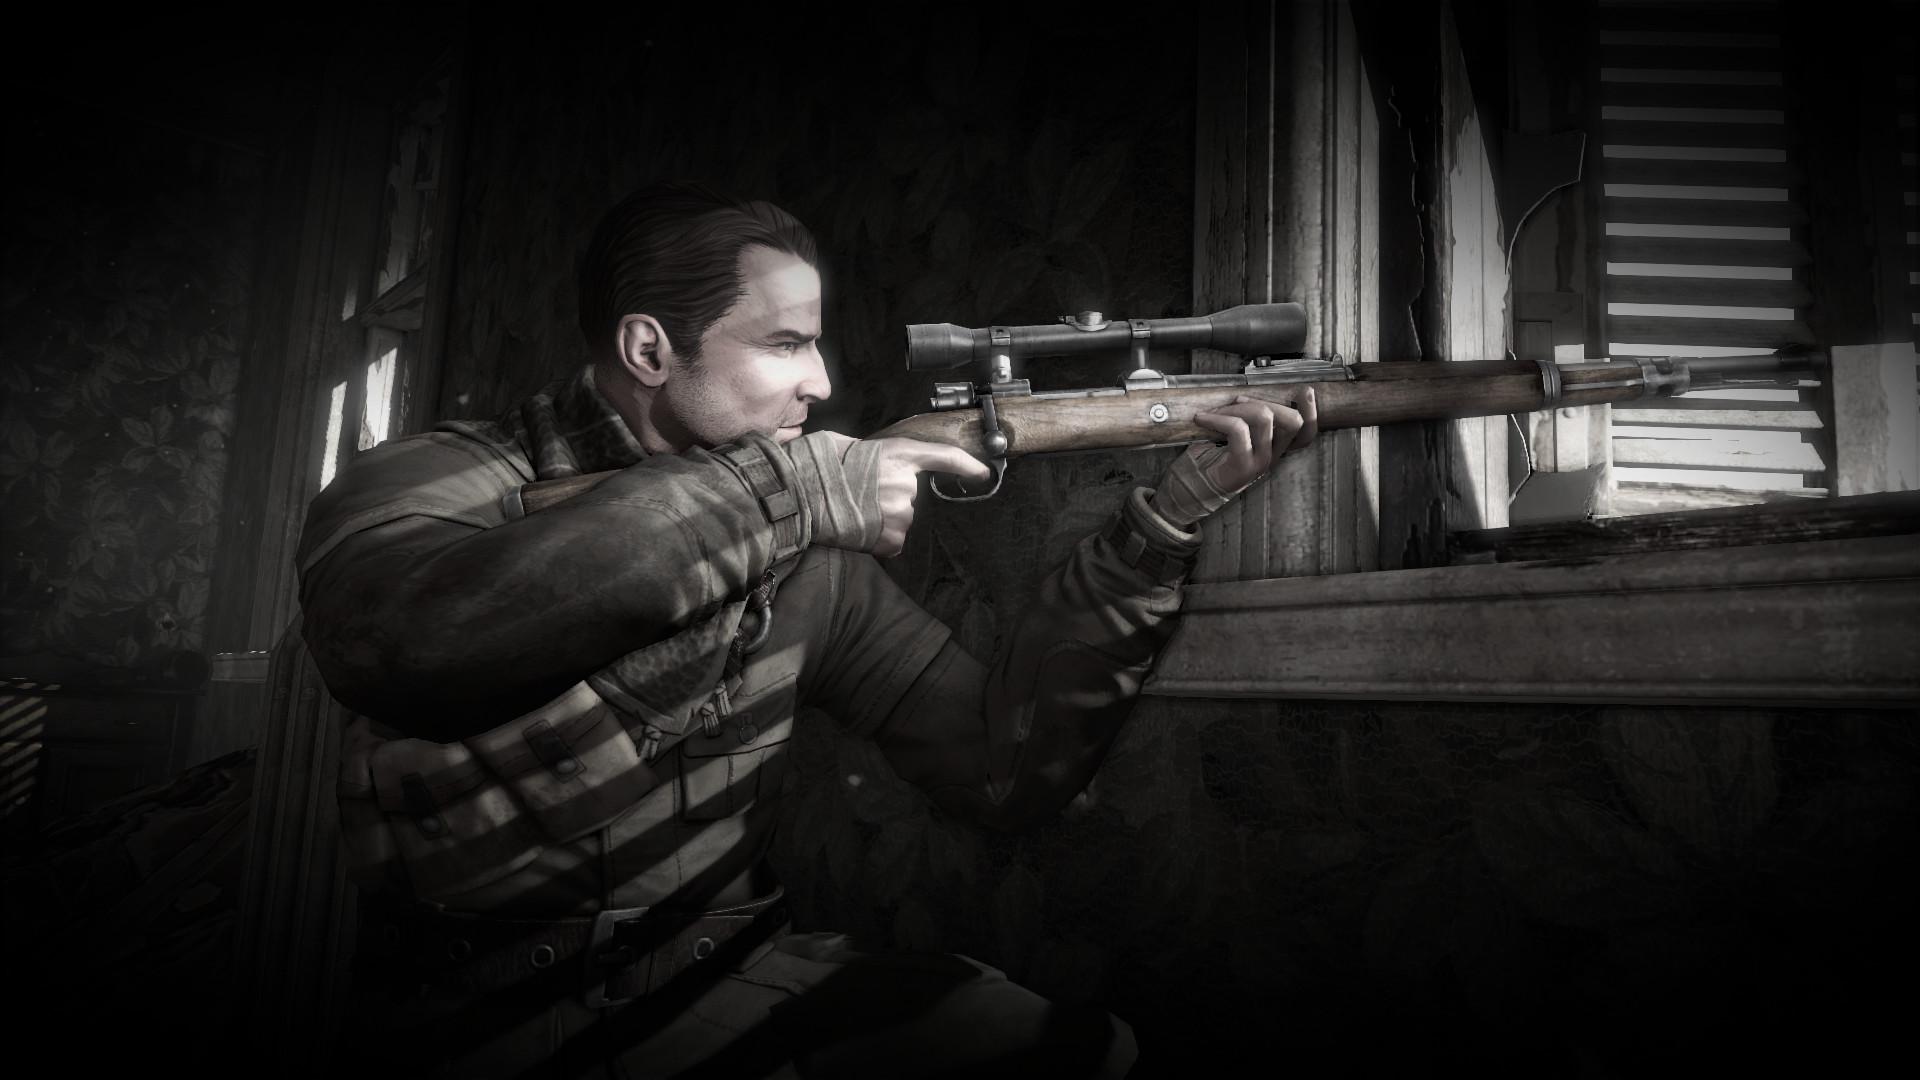 Sniper Elite 3 Wallpaper: Karl Fairburne Wallpaper (Sniper Elite V2) By Ultimatum227